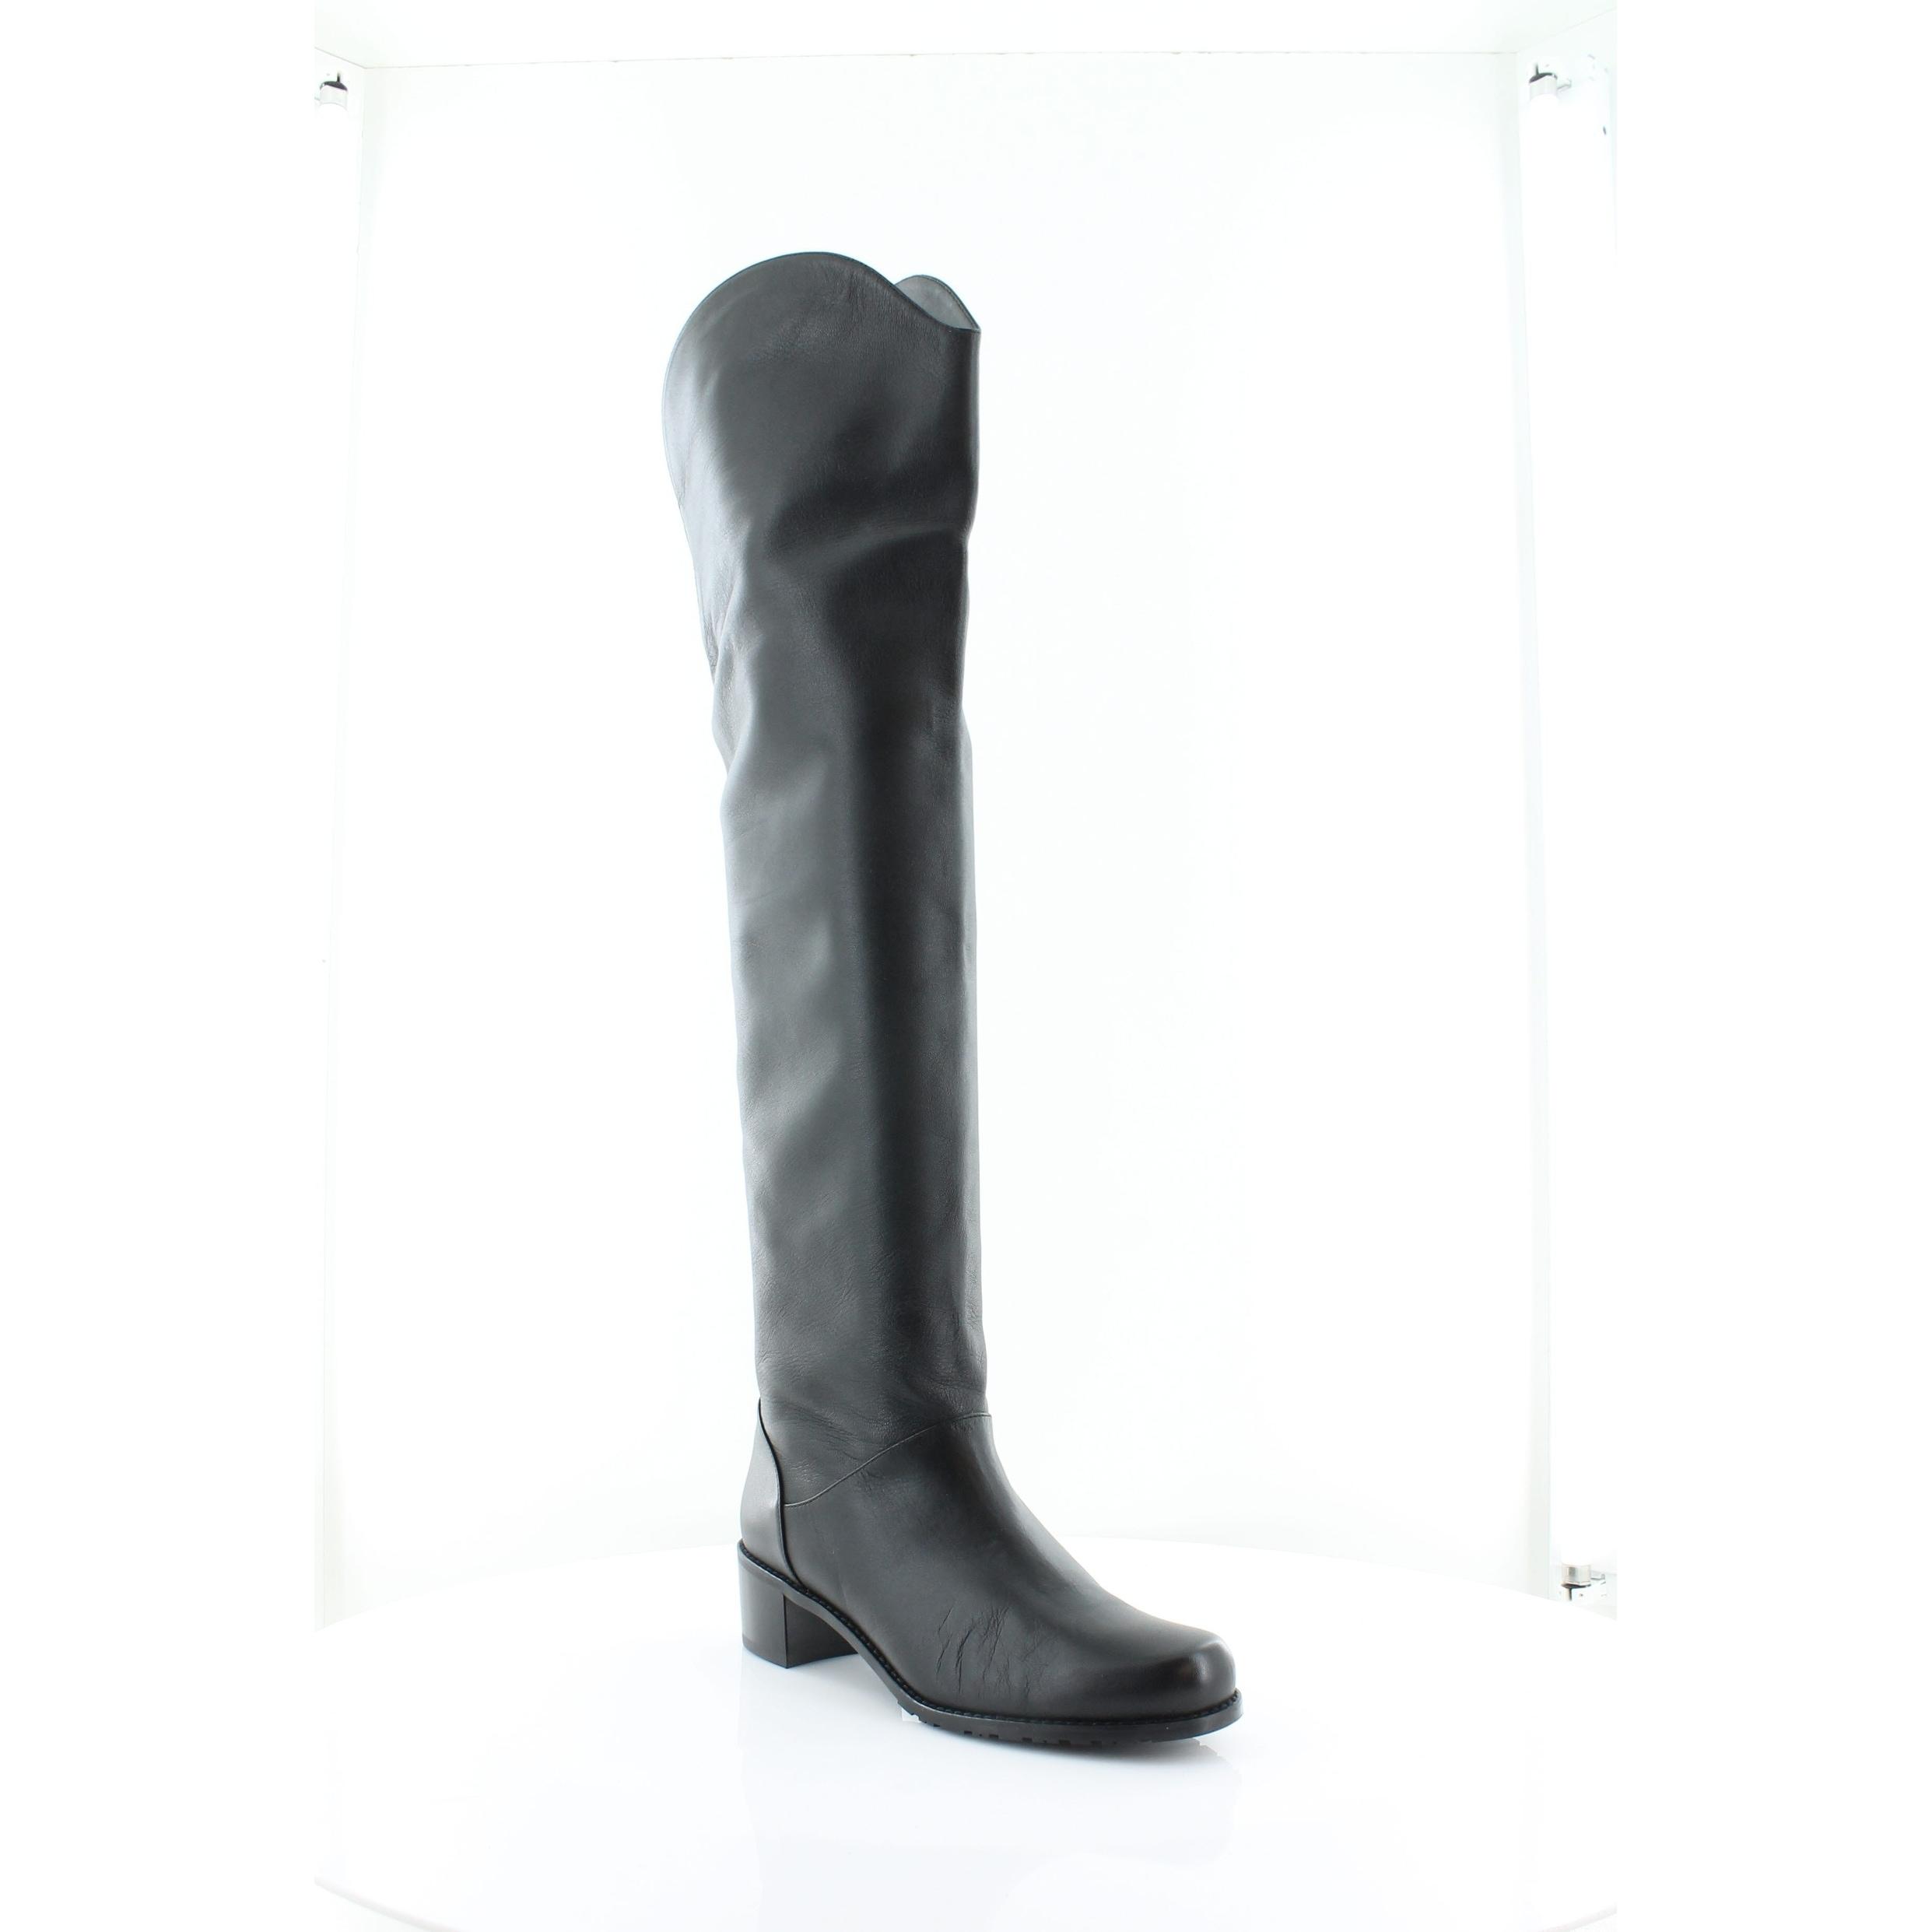 c9f3dbcdd7f Shop Stuart Weitzman Nudunkirk Women s Boots Black - Free Shipping ...